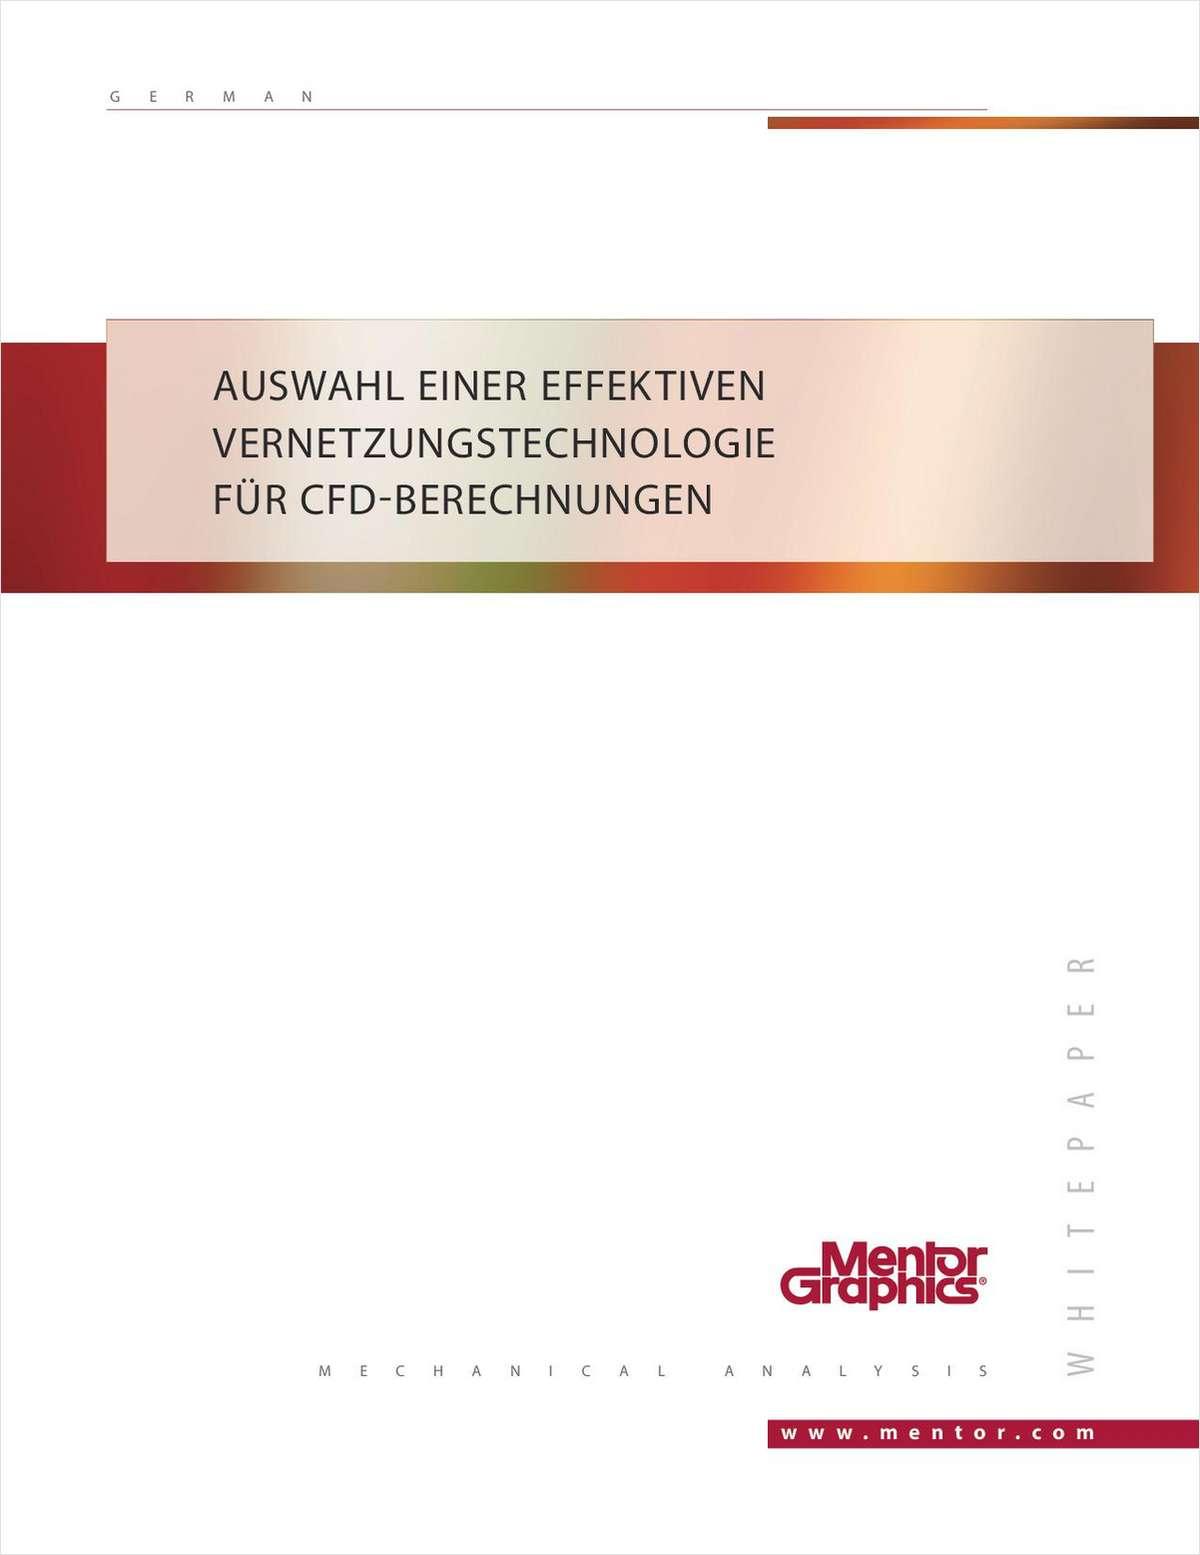 Auswahl einer effektiven Vernetzungstechnologie für CFD-Berechnungen